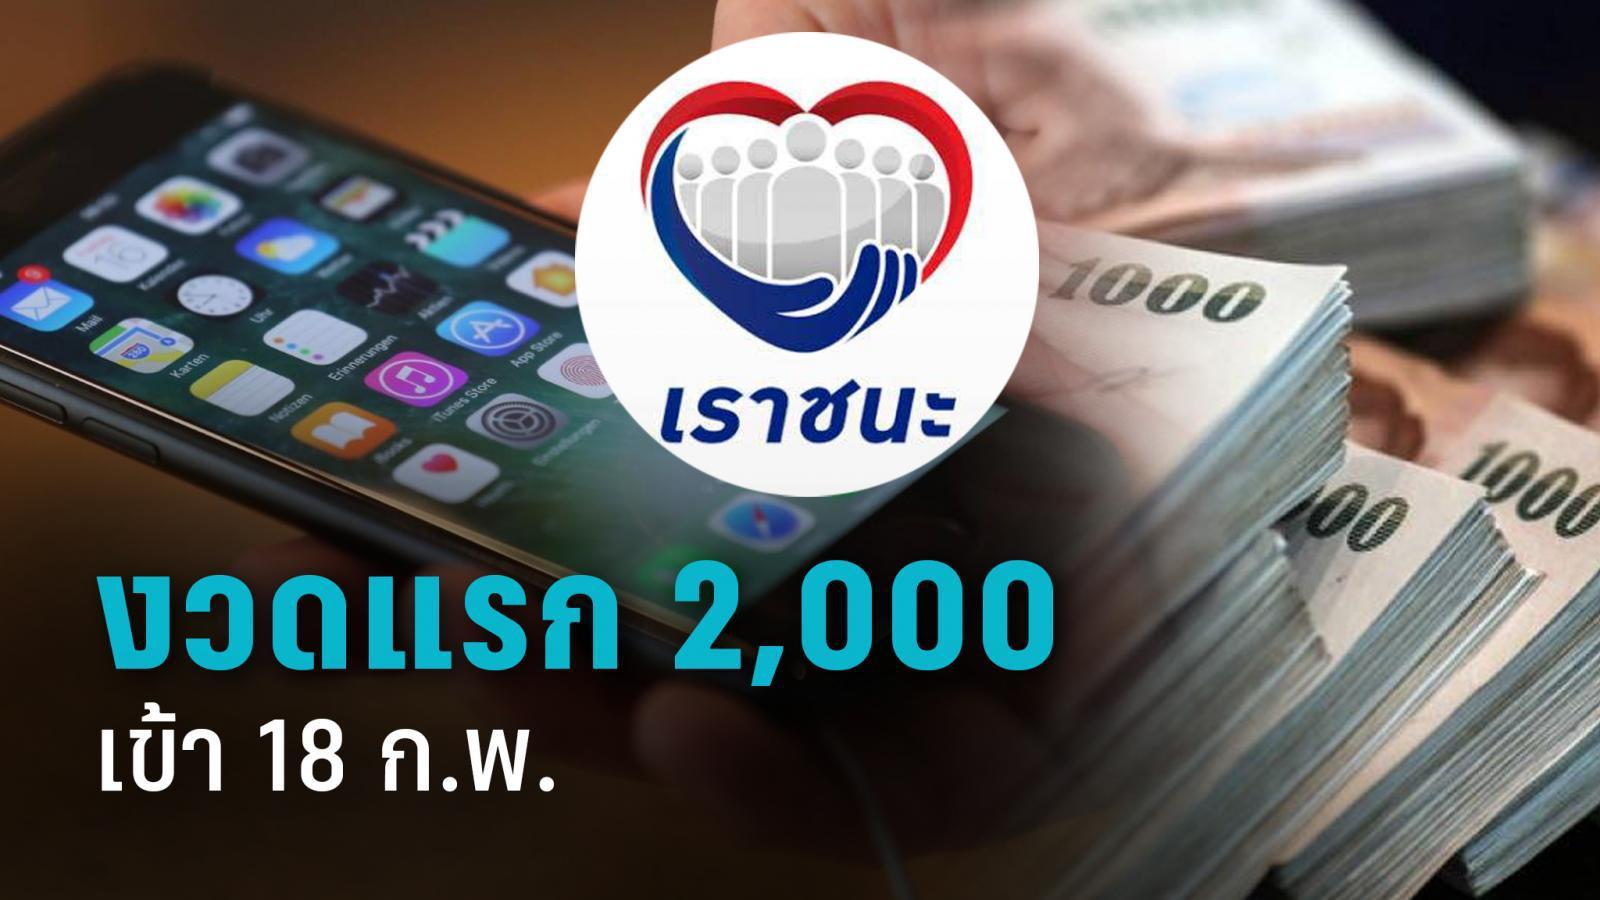 วันนี้! เงินเราชนะ โอนงวดแรก 2,000 เช็กวันรับครบ 7,000 เปิด 11 ขั้นตอนใช้สิทธิผ่านแอปเป๋าตัง